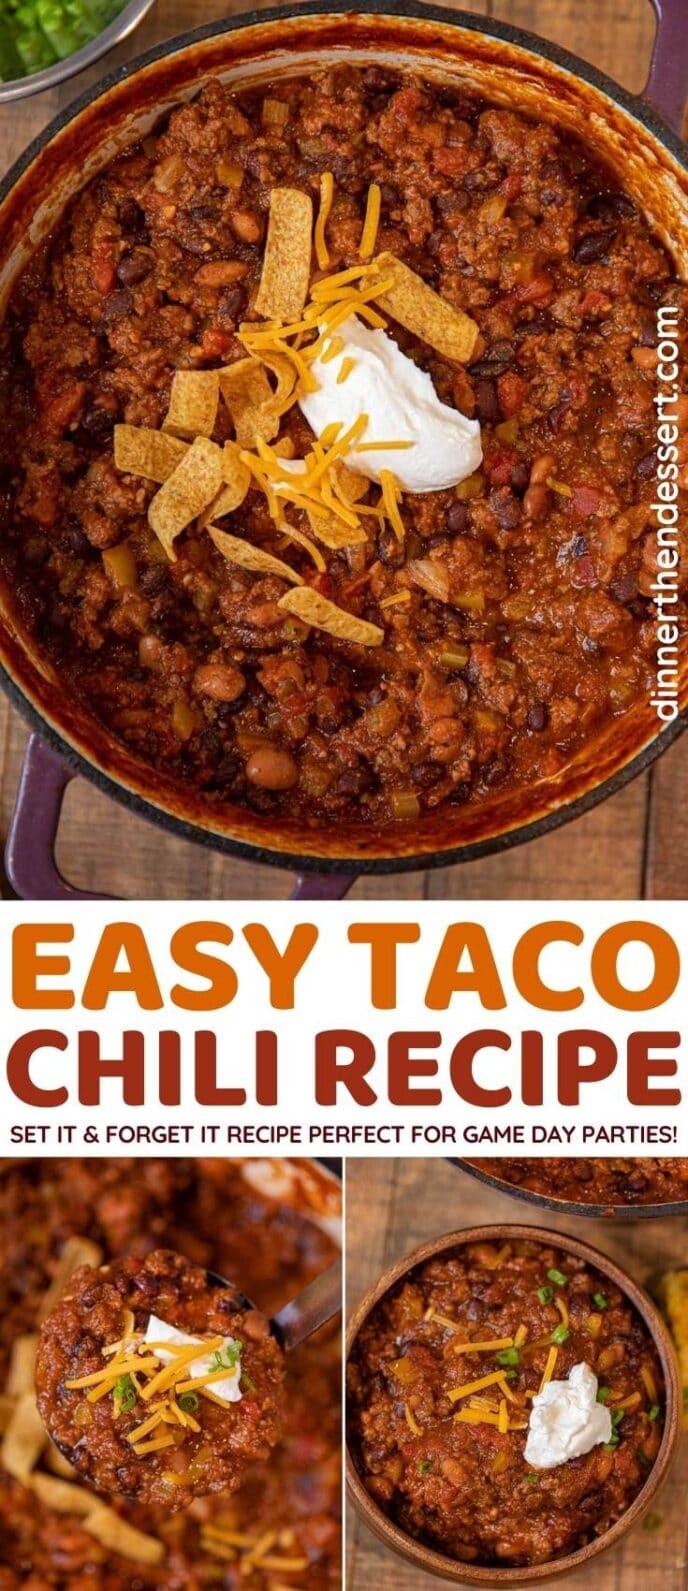 Taco Chili collage